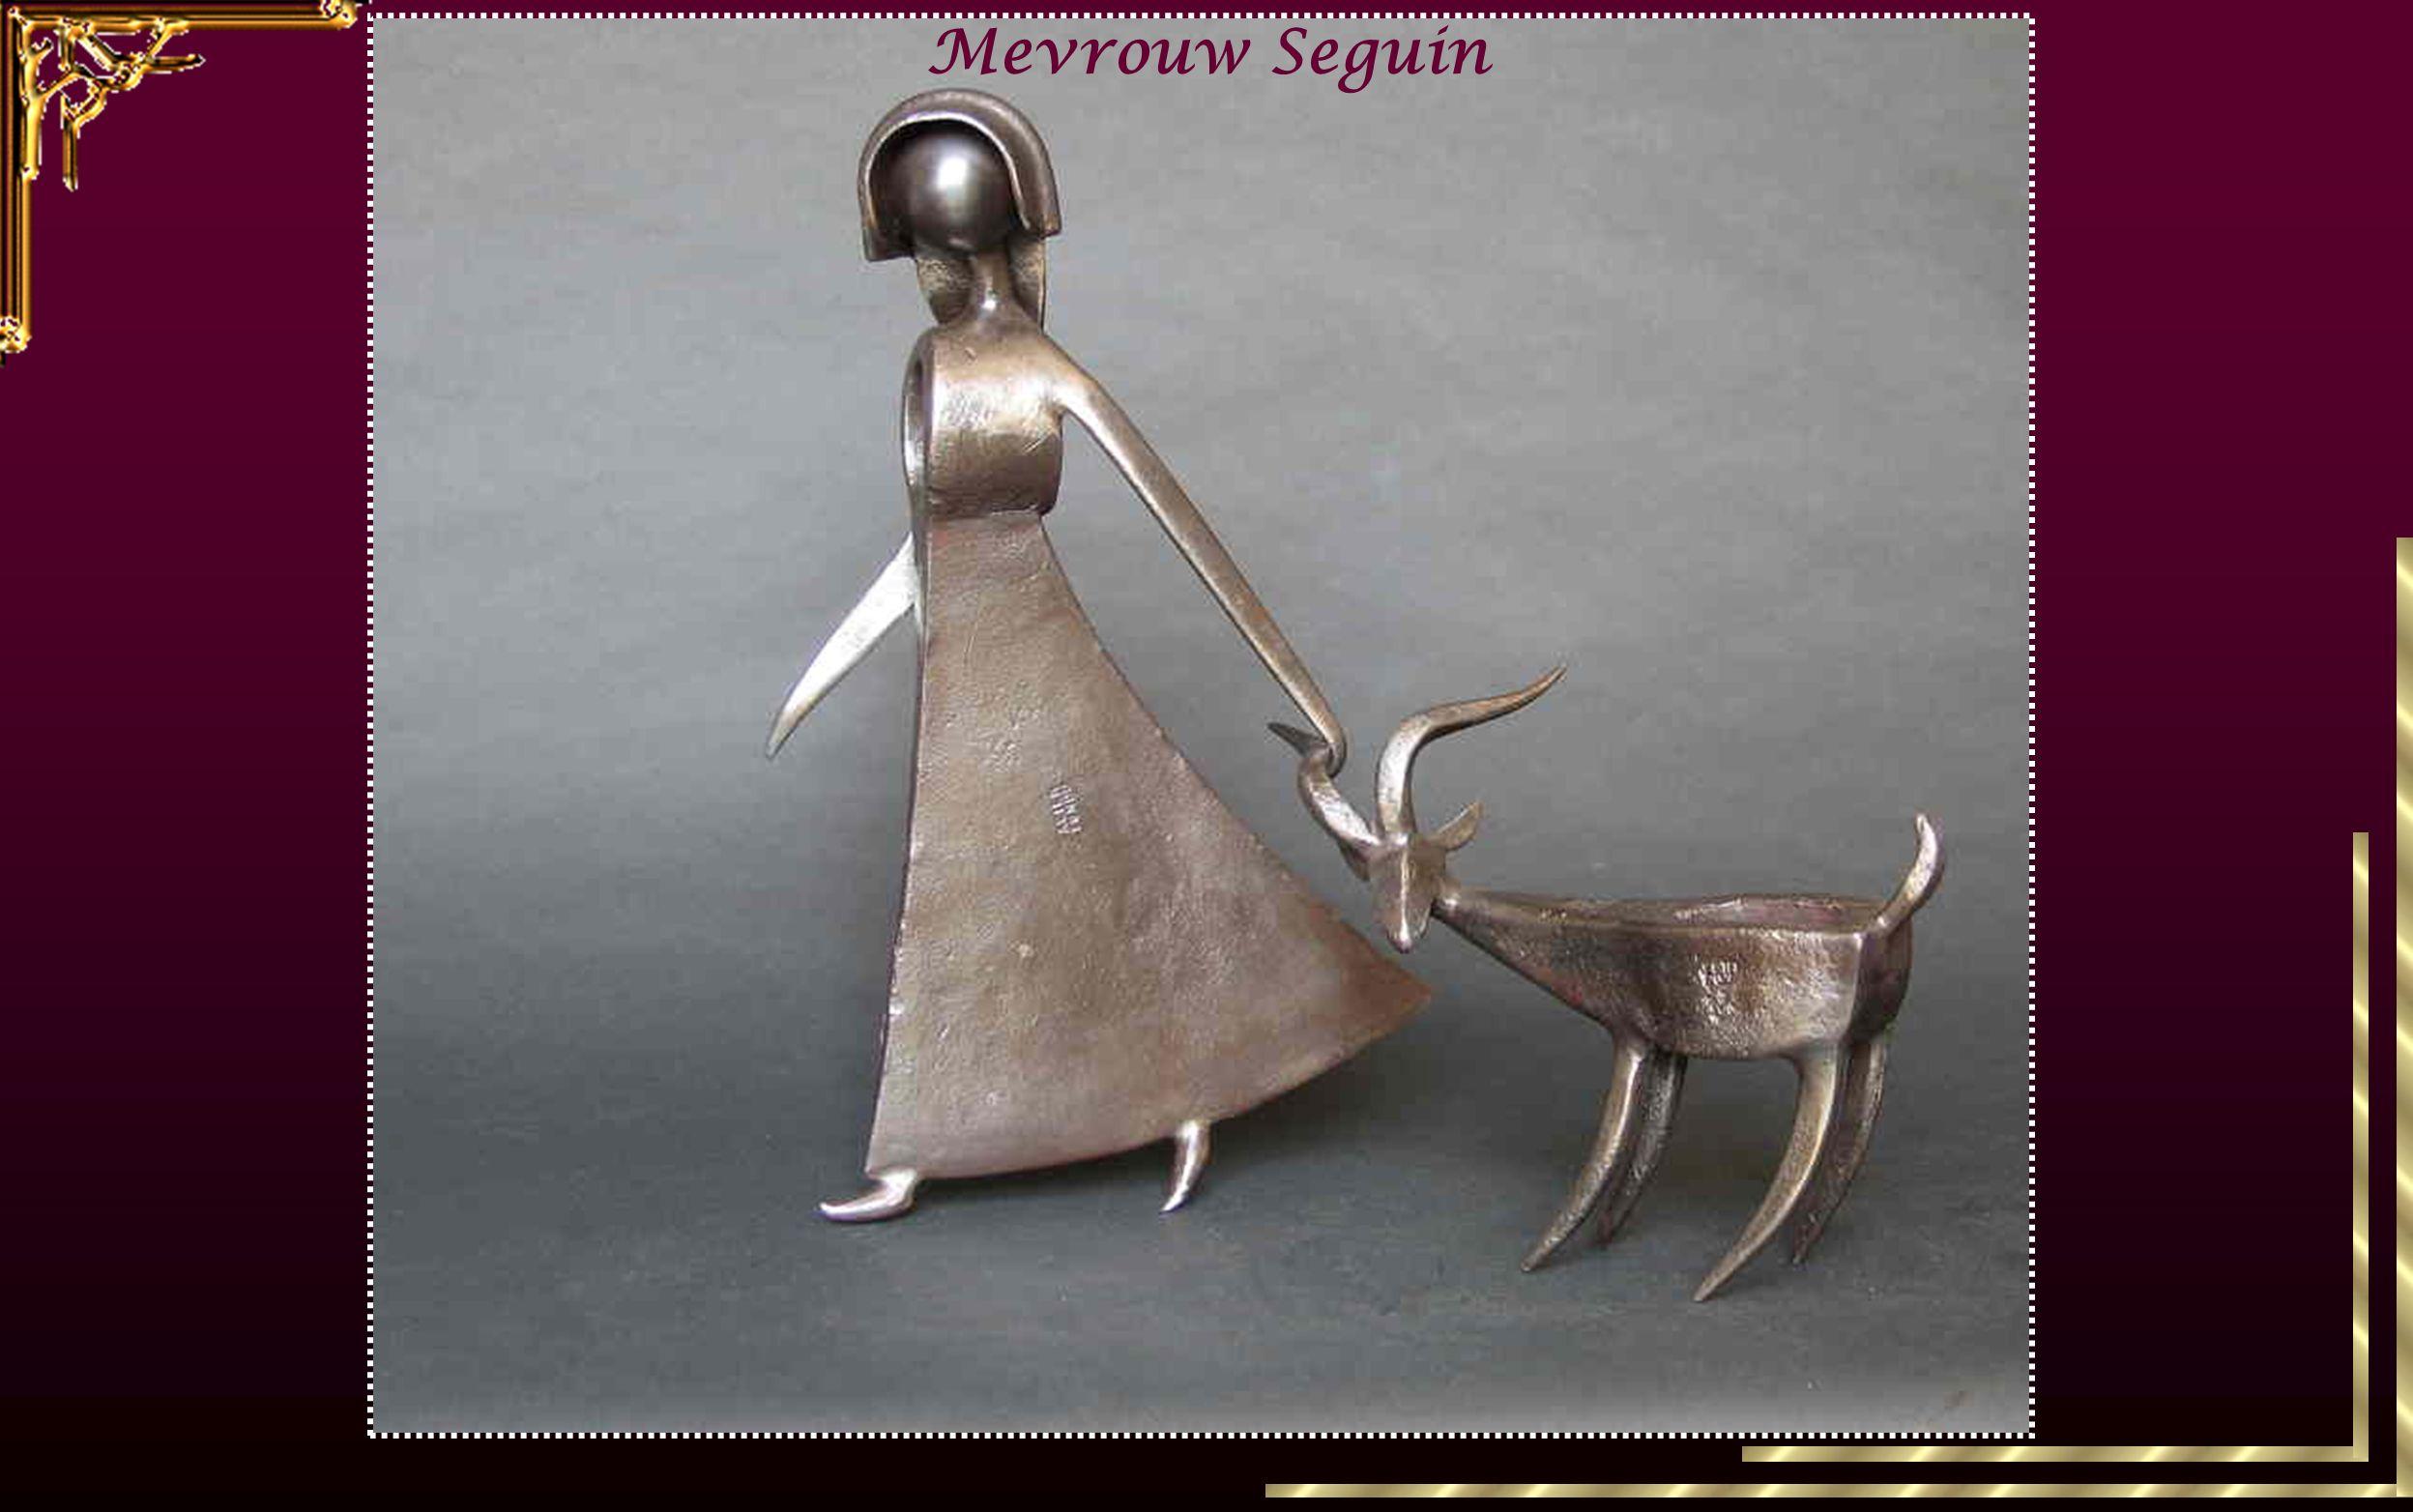 Mevrouw Seguin